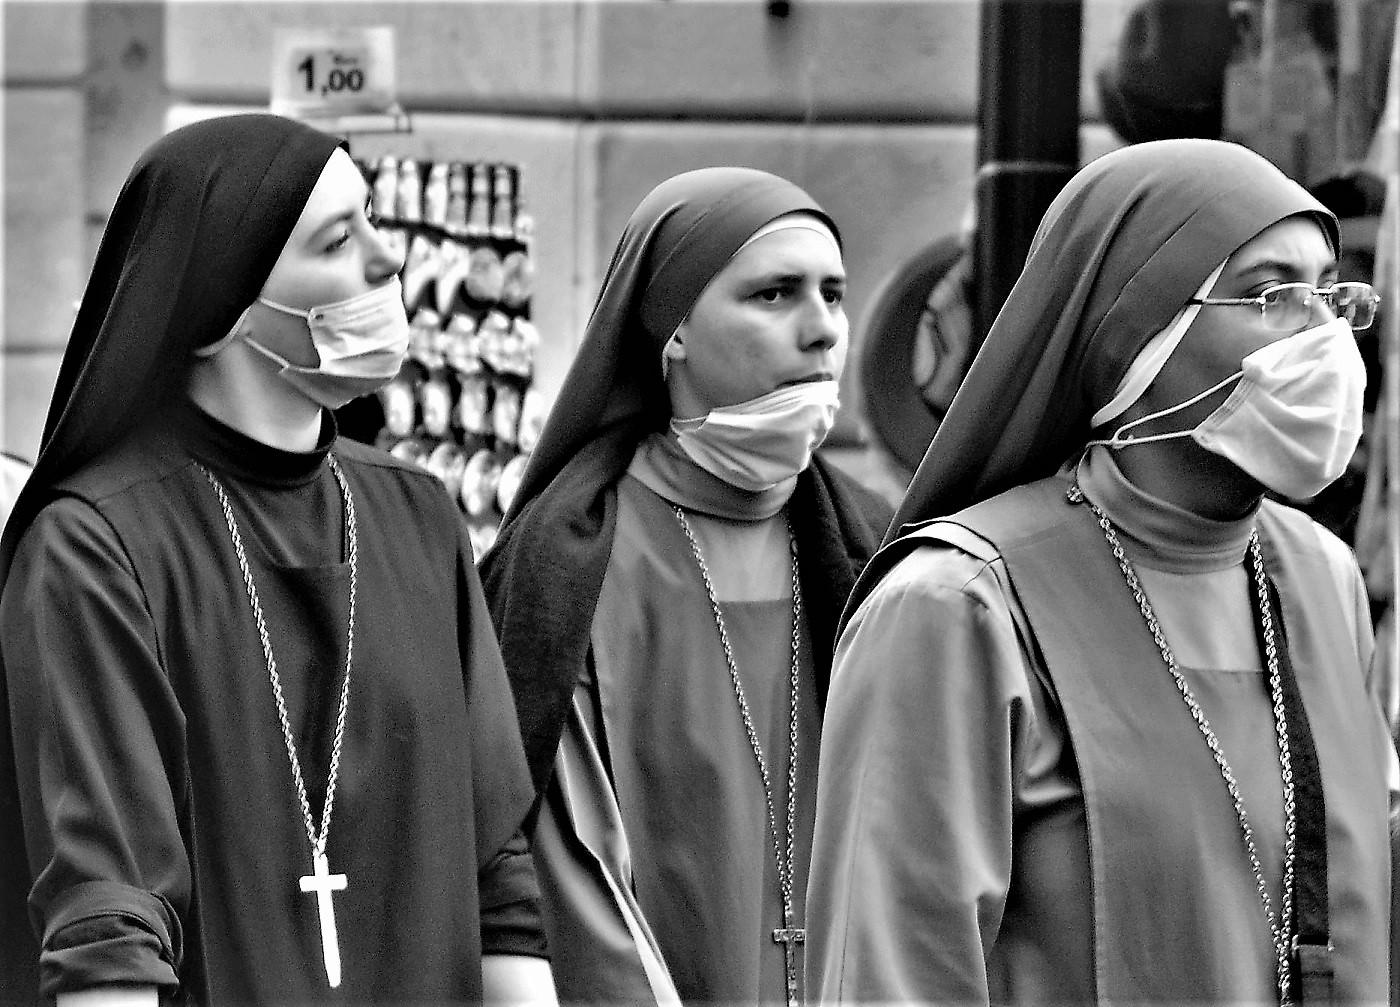 Il naso, sorelle...il naso!